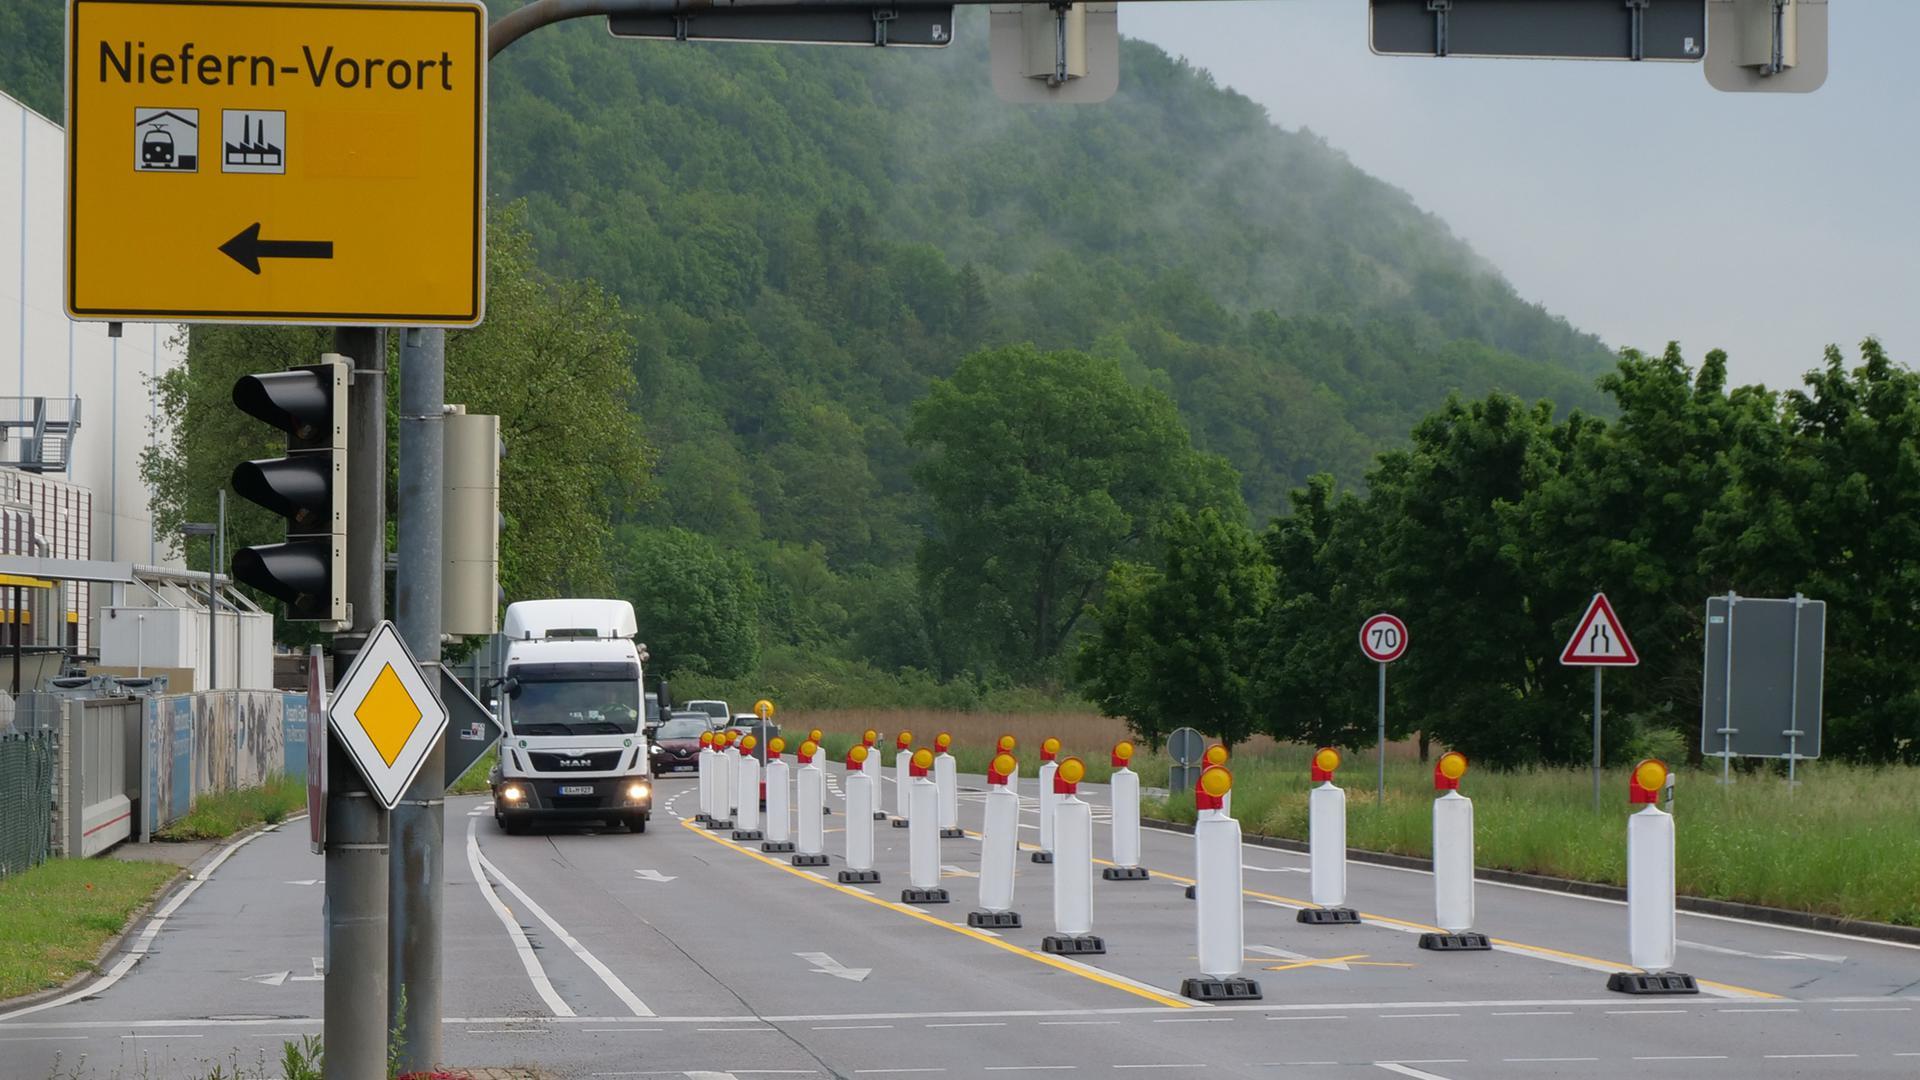 Der Verkehr vor der Ampelkreuzung in Niefern wird auf eine Fahrspur reduziert. Dadurch werden längre Rückstaus in Richtung Enzberg befürchtet